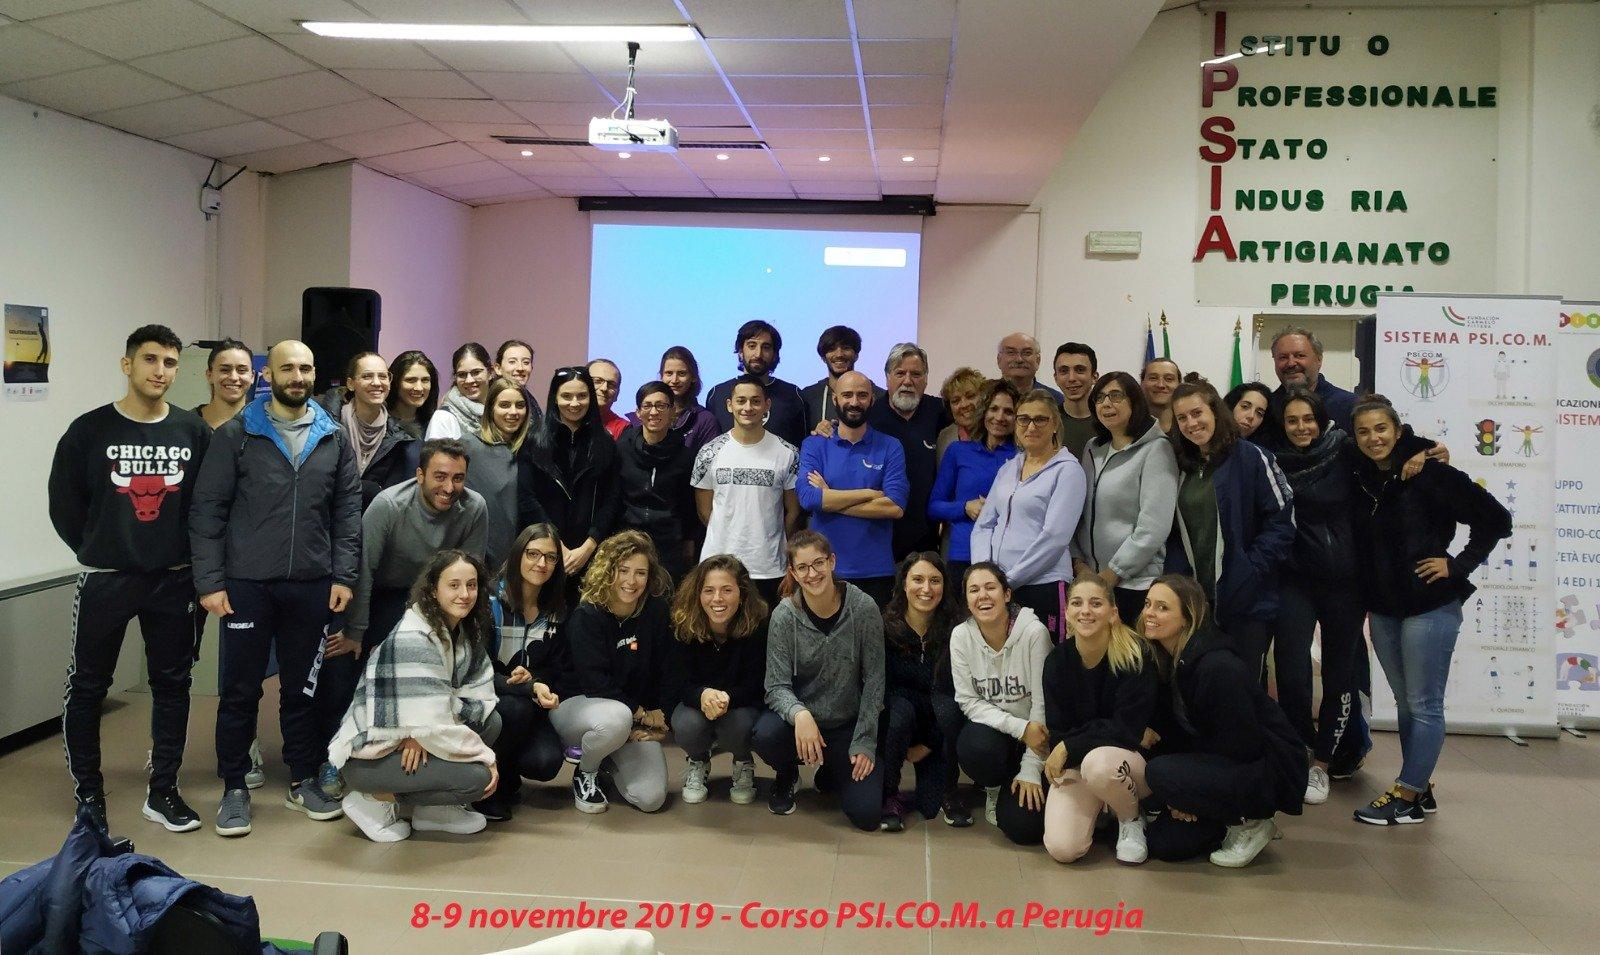 """Corso """"PSI.CO.M."""" a Perugia: nuovo incontro con la Federazione Ginnastica d´Italia."""